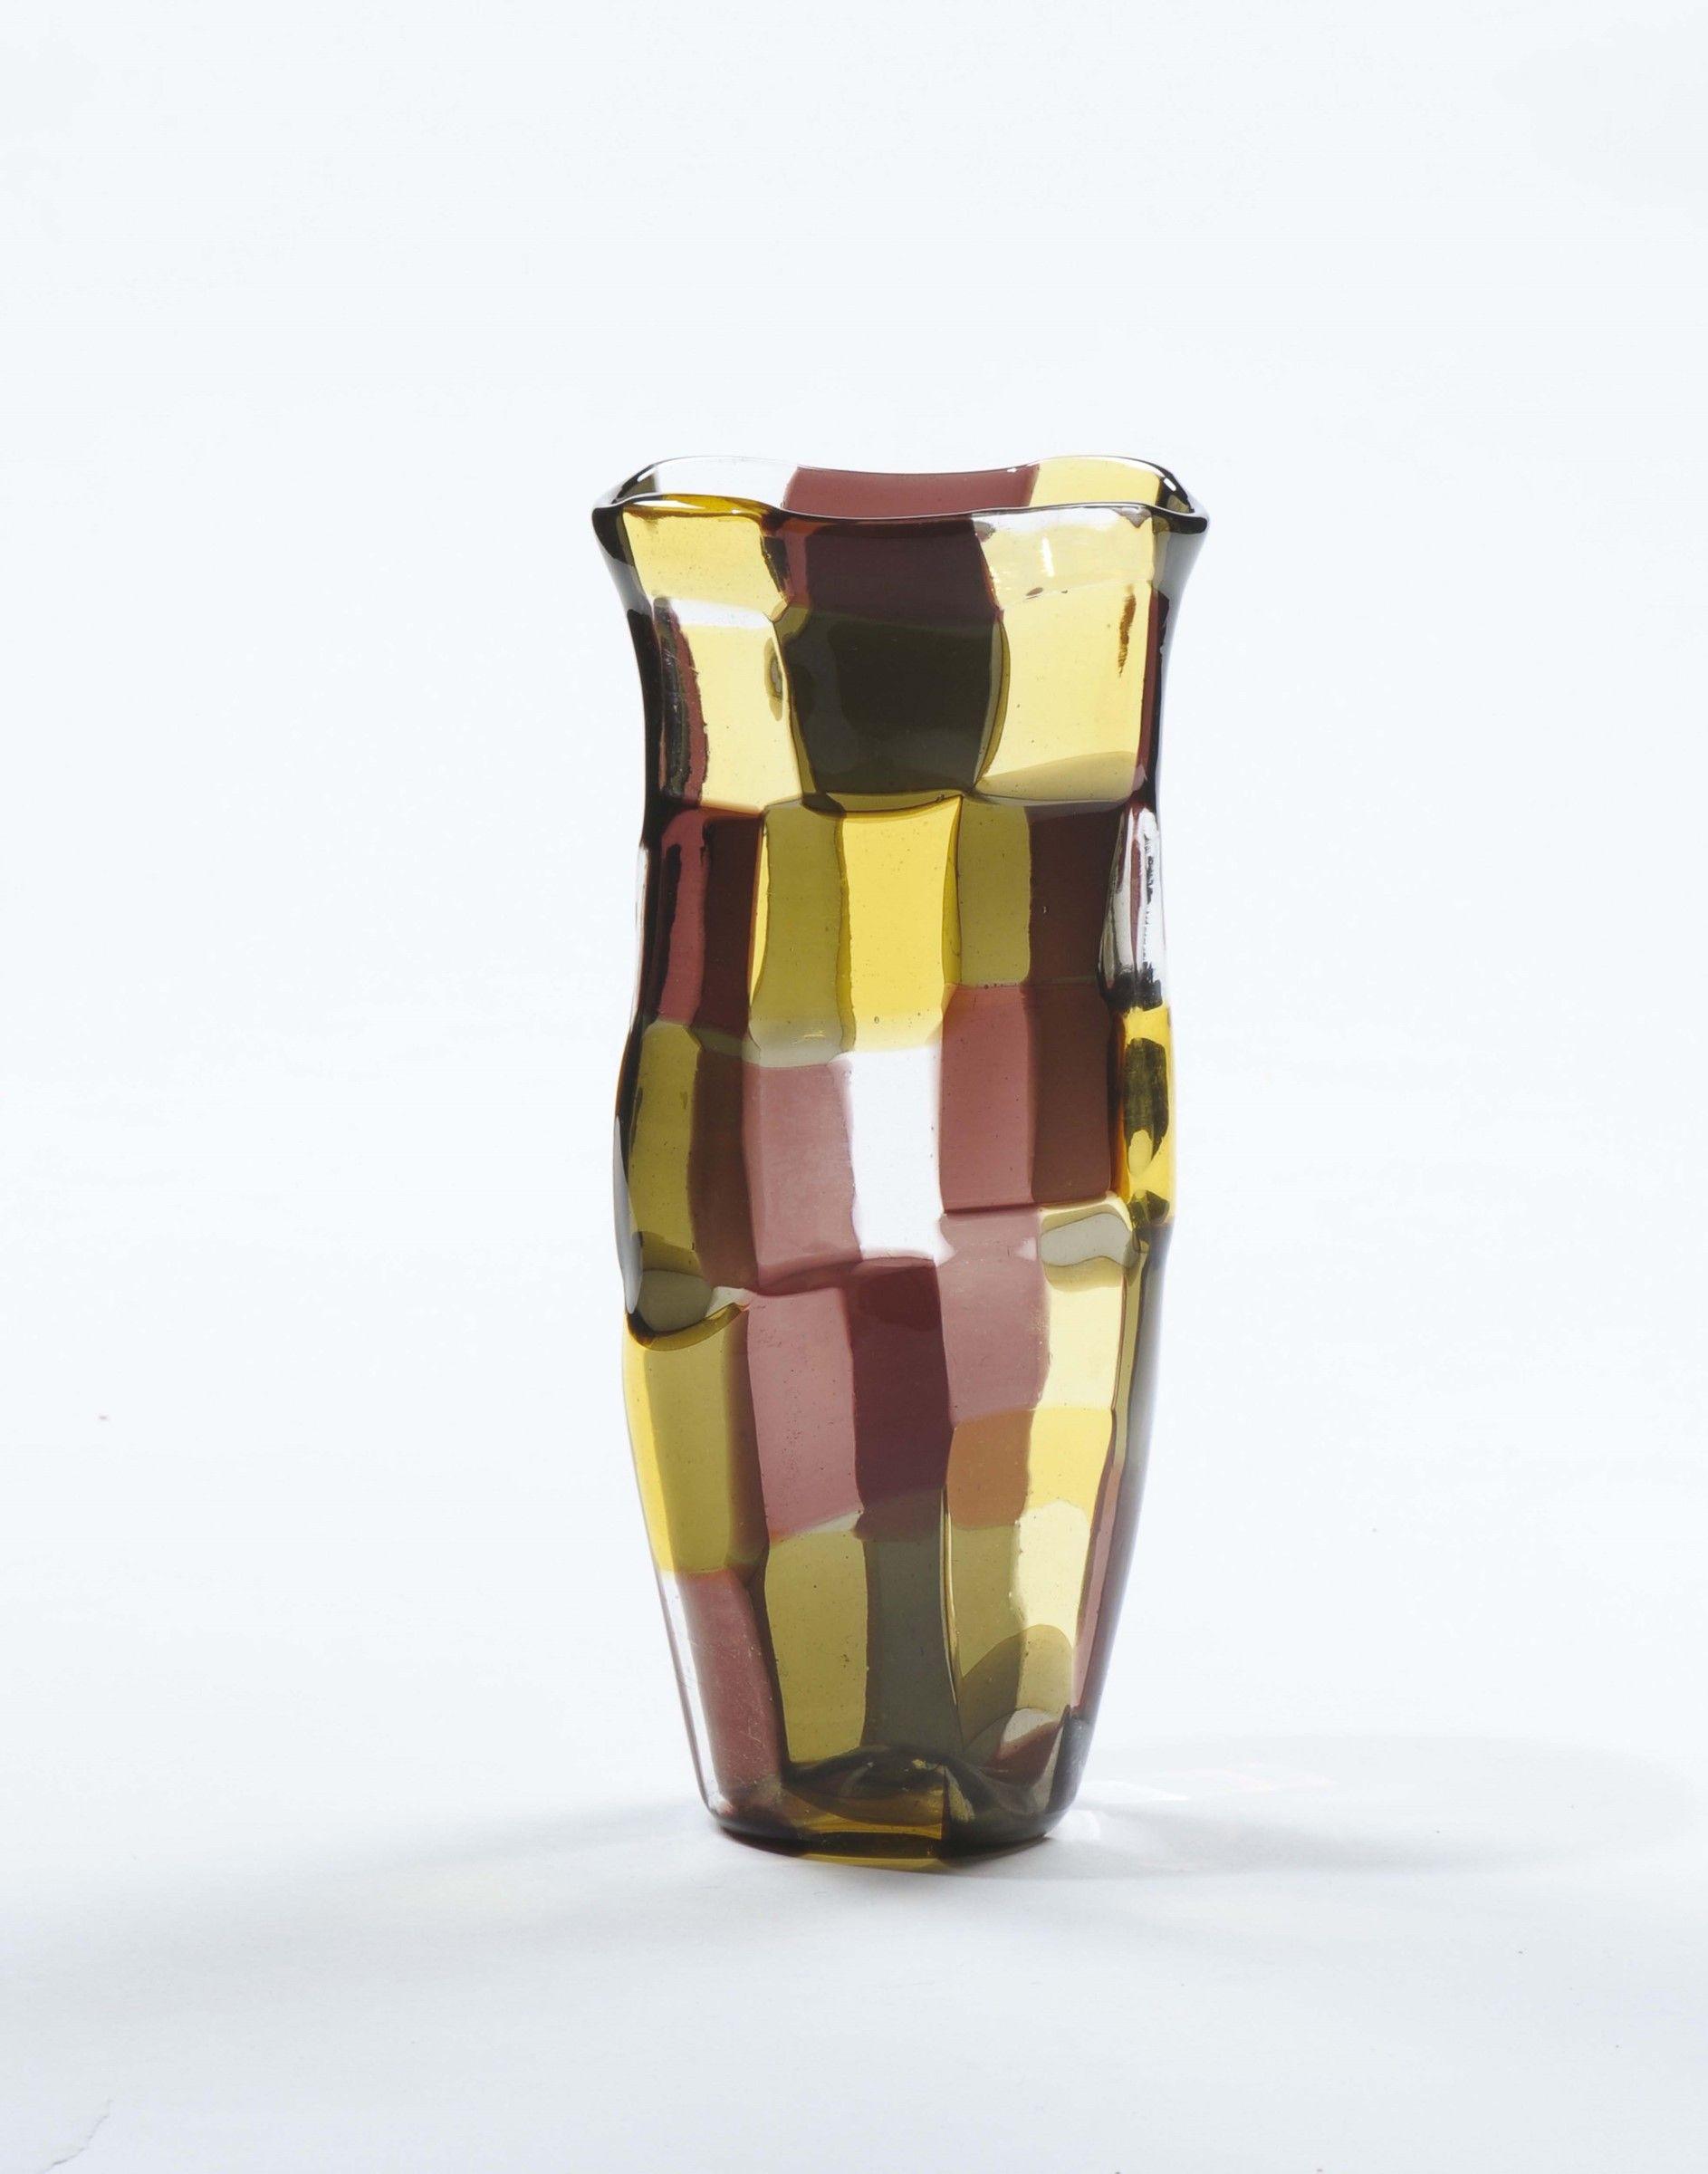 murano blown glass vase of fulvio bianconi venini fulvio bianconi pinterest glass art for glass art a· fulvio bianconi